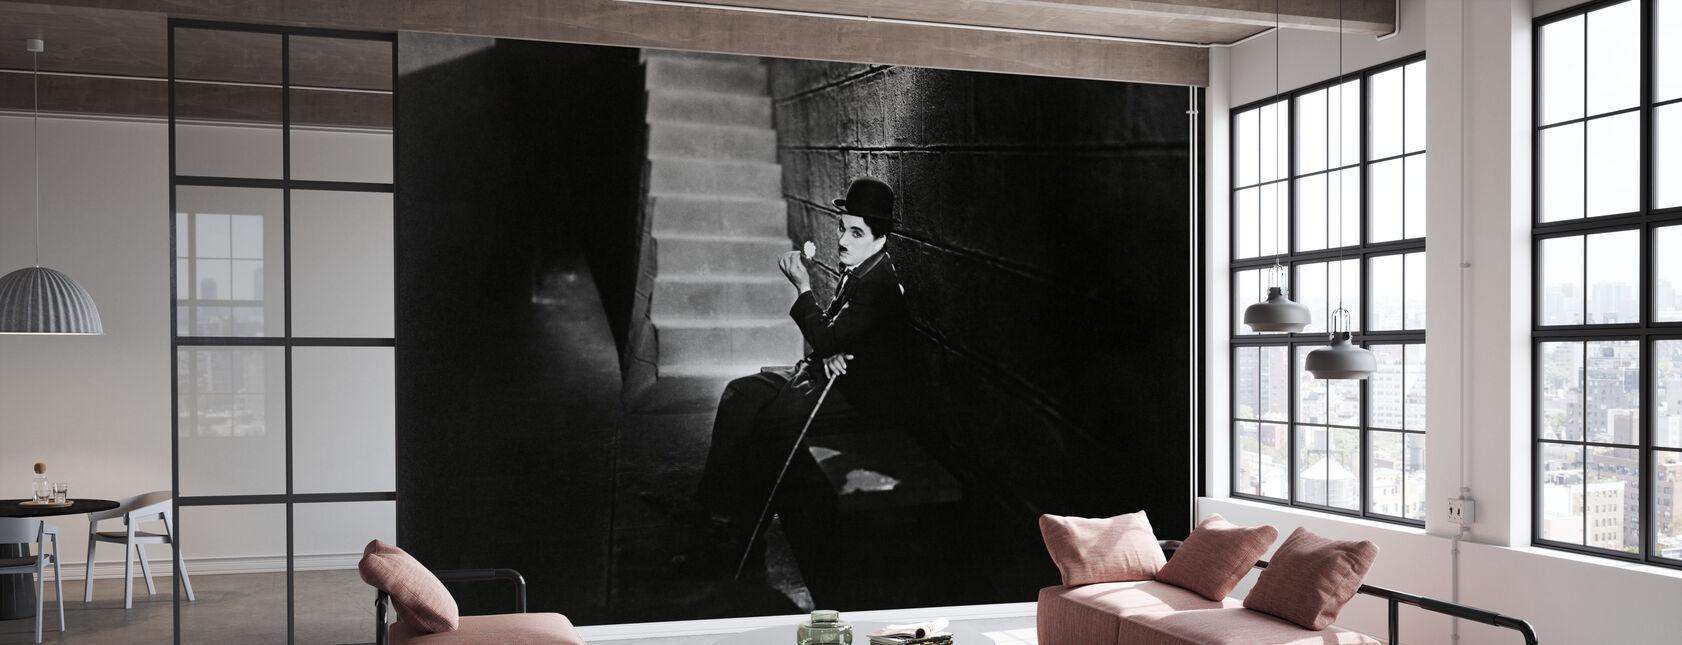 Kaupungin valot - Charlie Chaplin - Tapetti - Toimisto